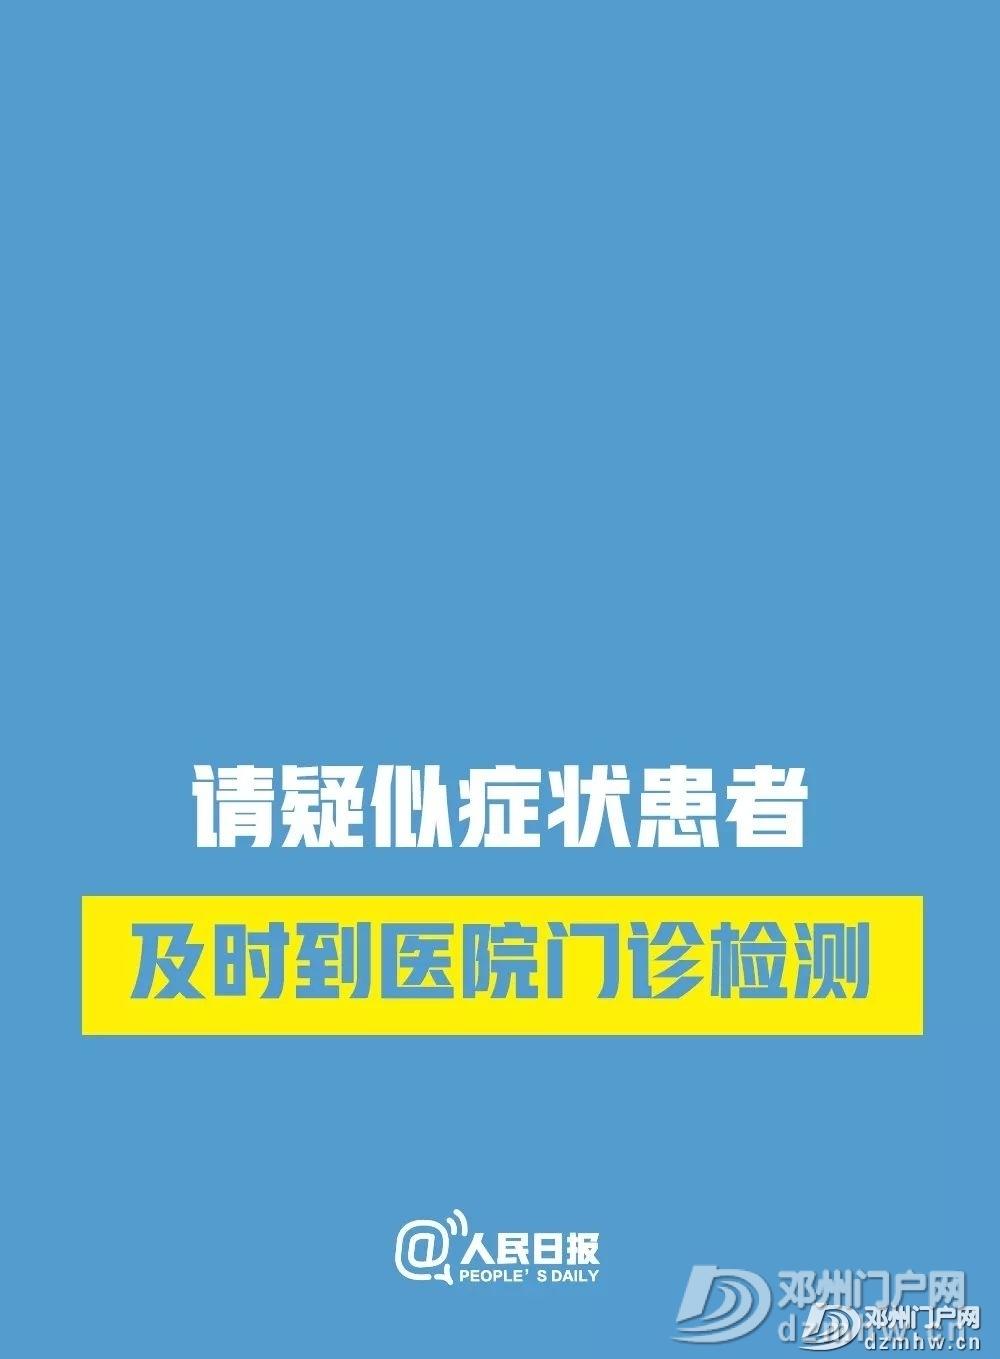 刚刚!河南确诊首位新型肺炎病例,邓州全面禁止销售活禽!铁路部门... - 邓州门户网 邓州网 - 00320492612_d1d510b1.jpg